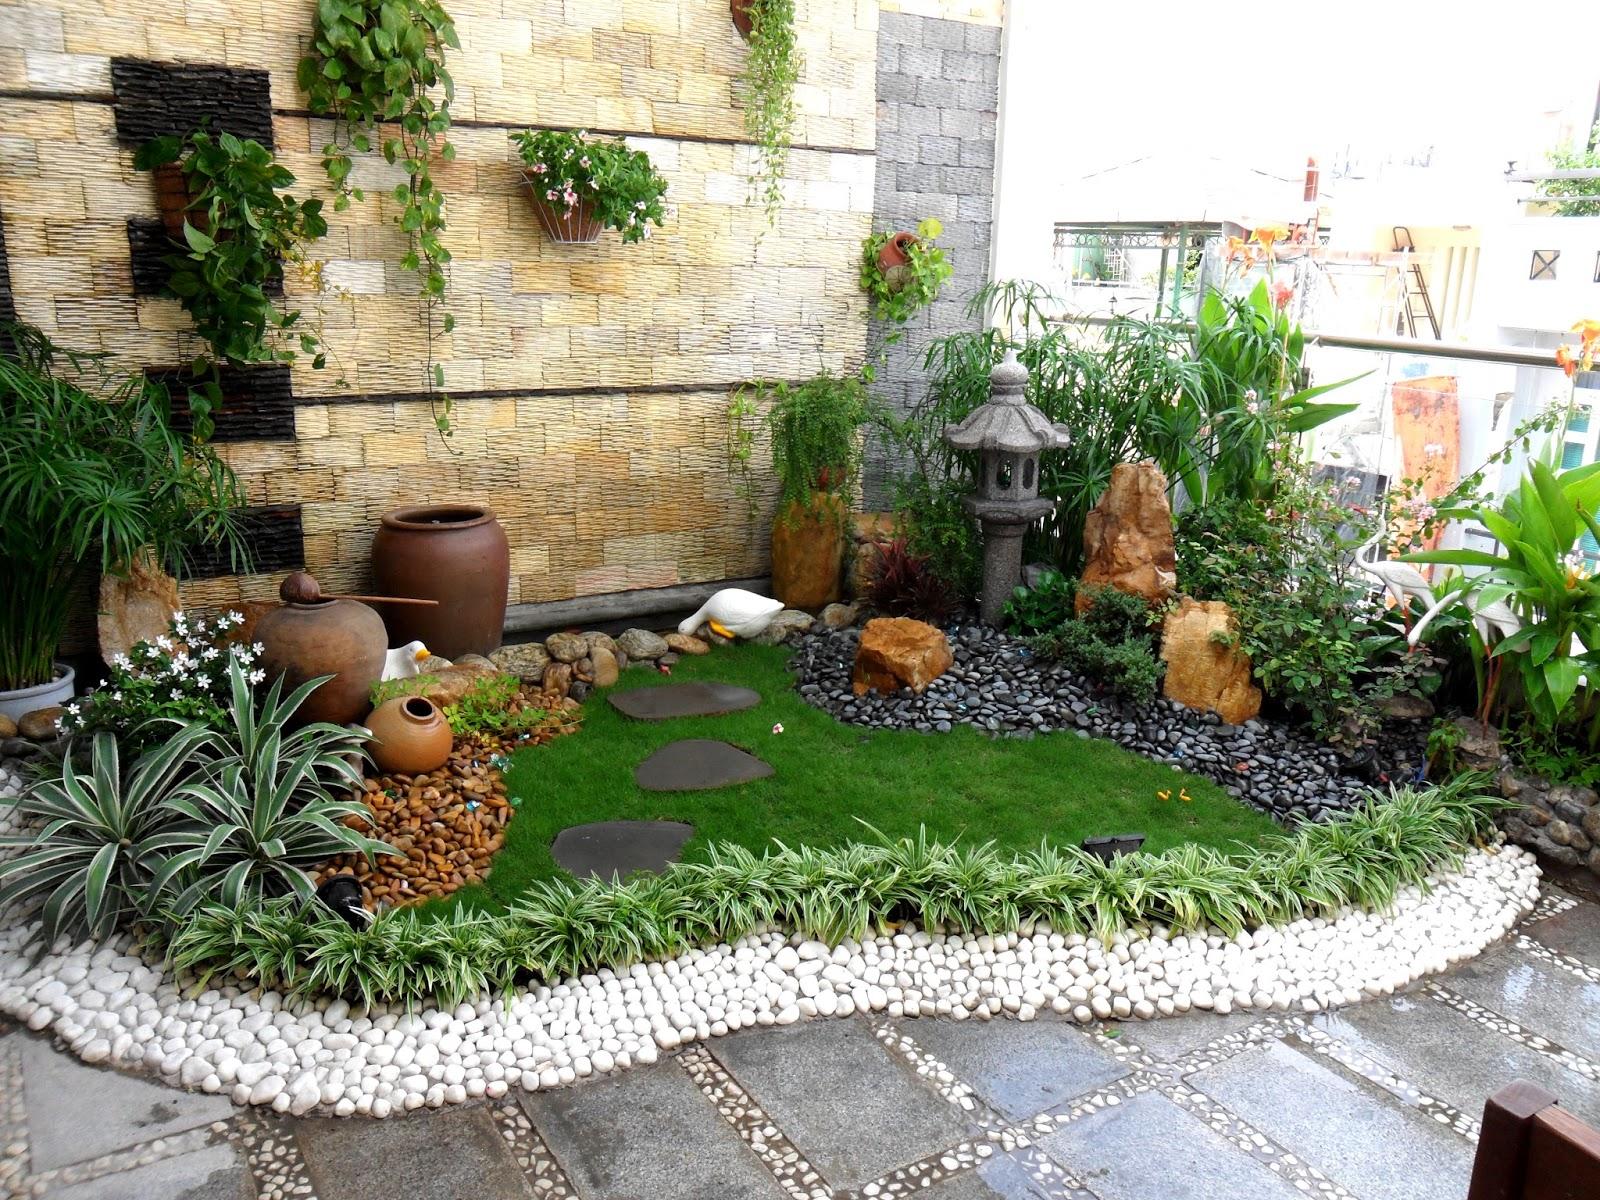 Trang trí sân vườn cần lựa chọn vật dụng phù hợp theo phong cách thiết kế